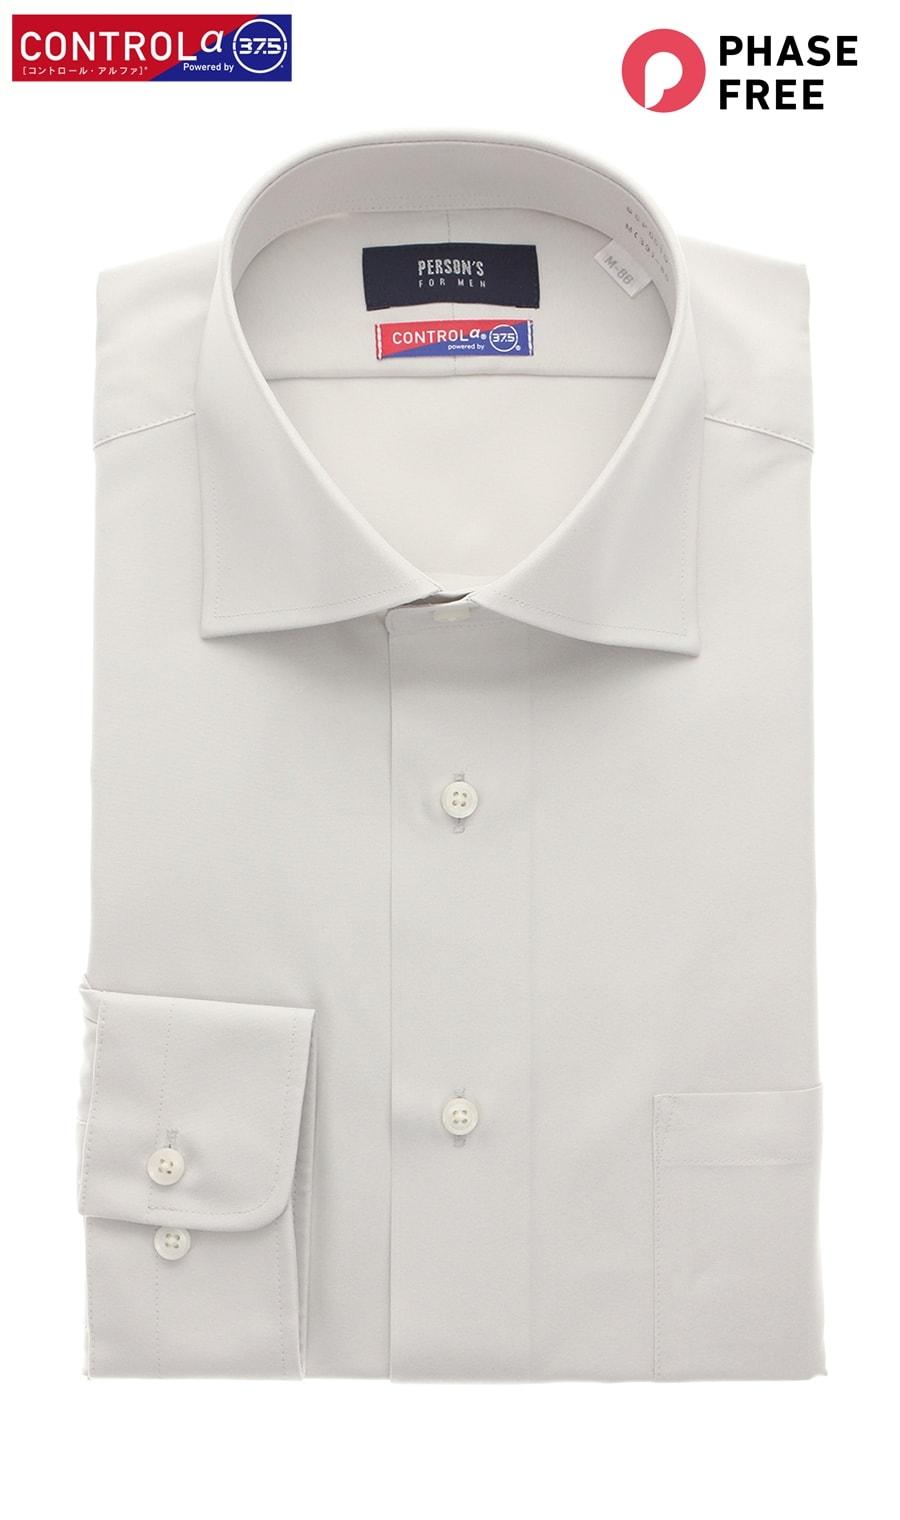 スワイドカラースタイリッシュワイシャツ【CONTROLα】PERSON'S FOR MEN